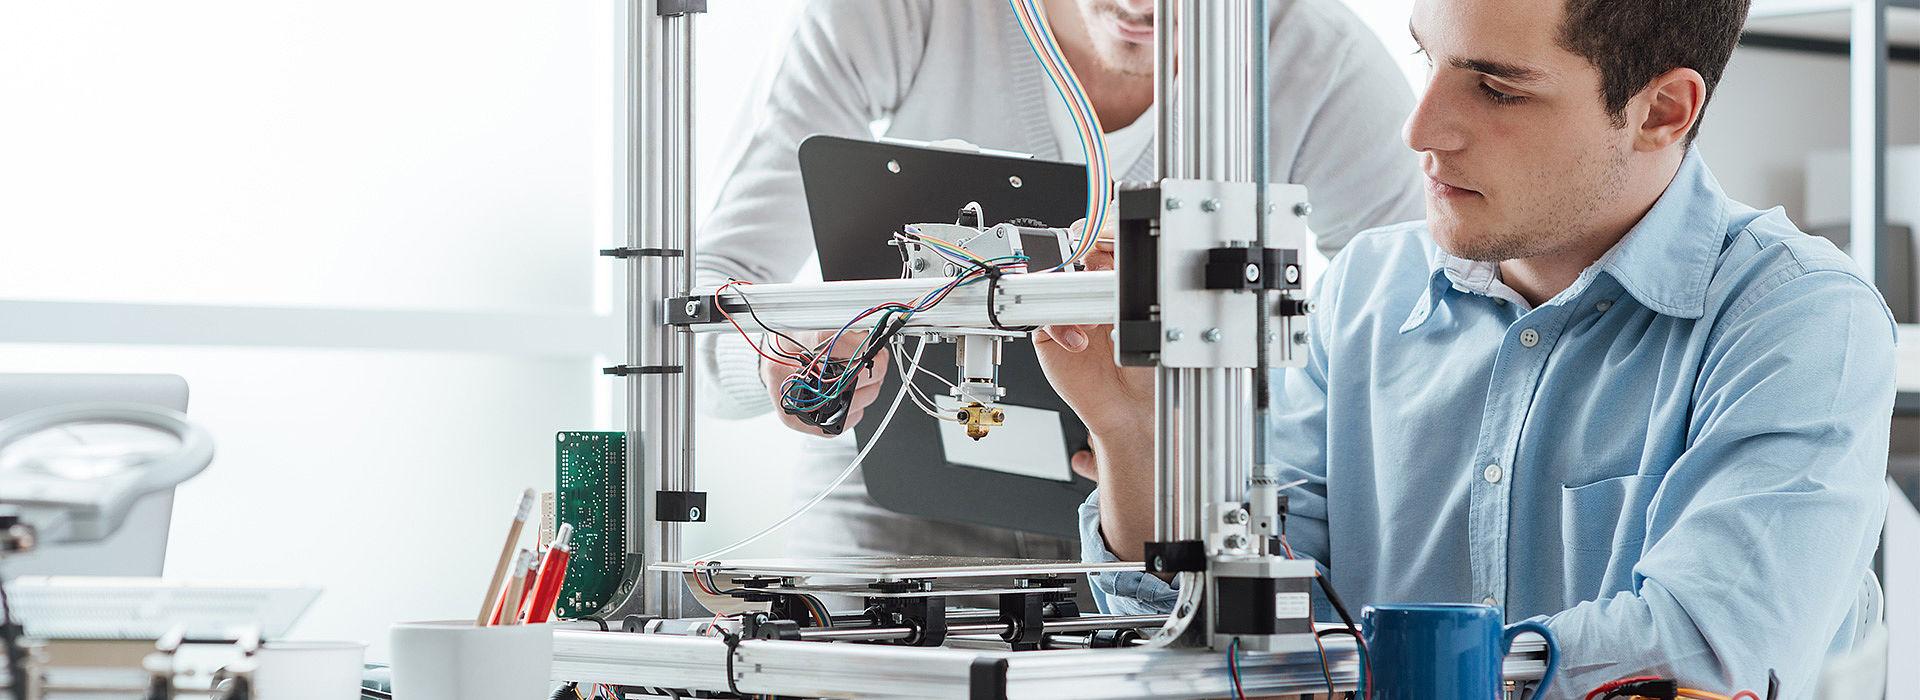 Bild: Menschen an 3D-Drucker